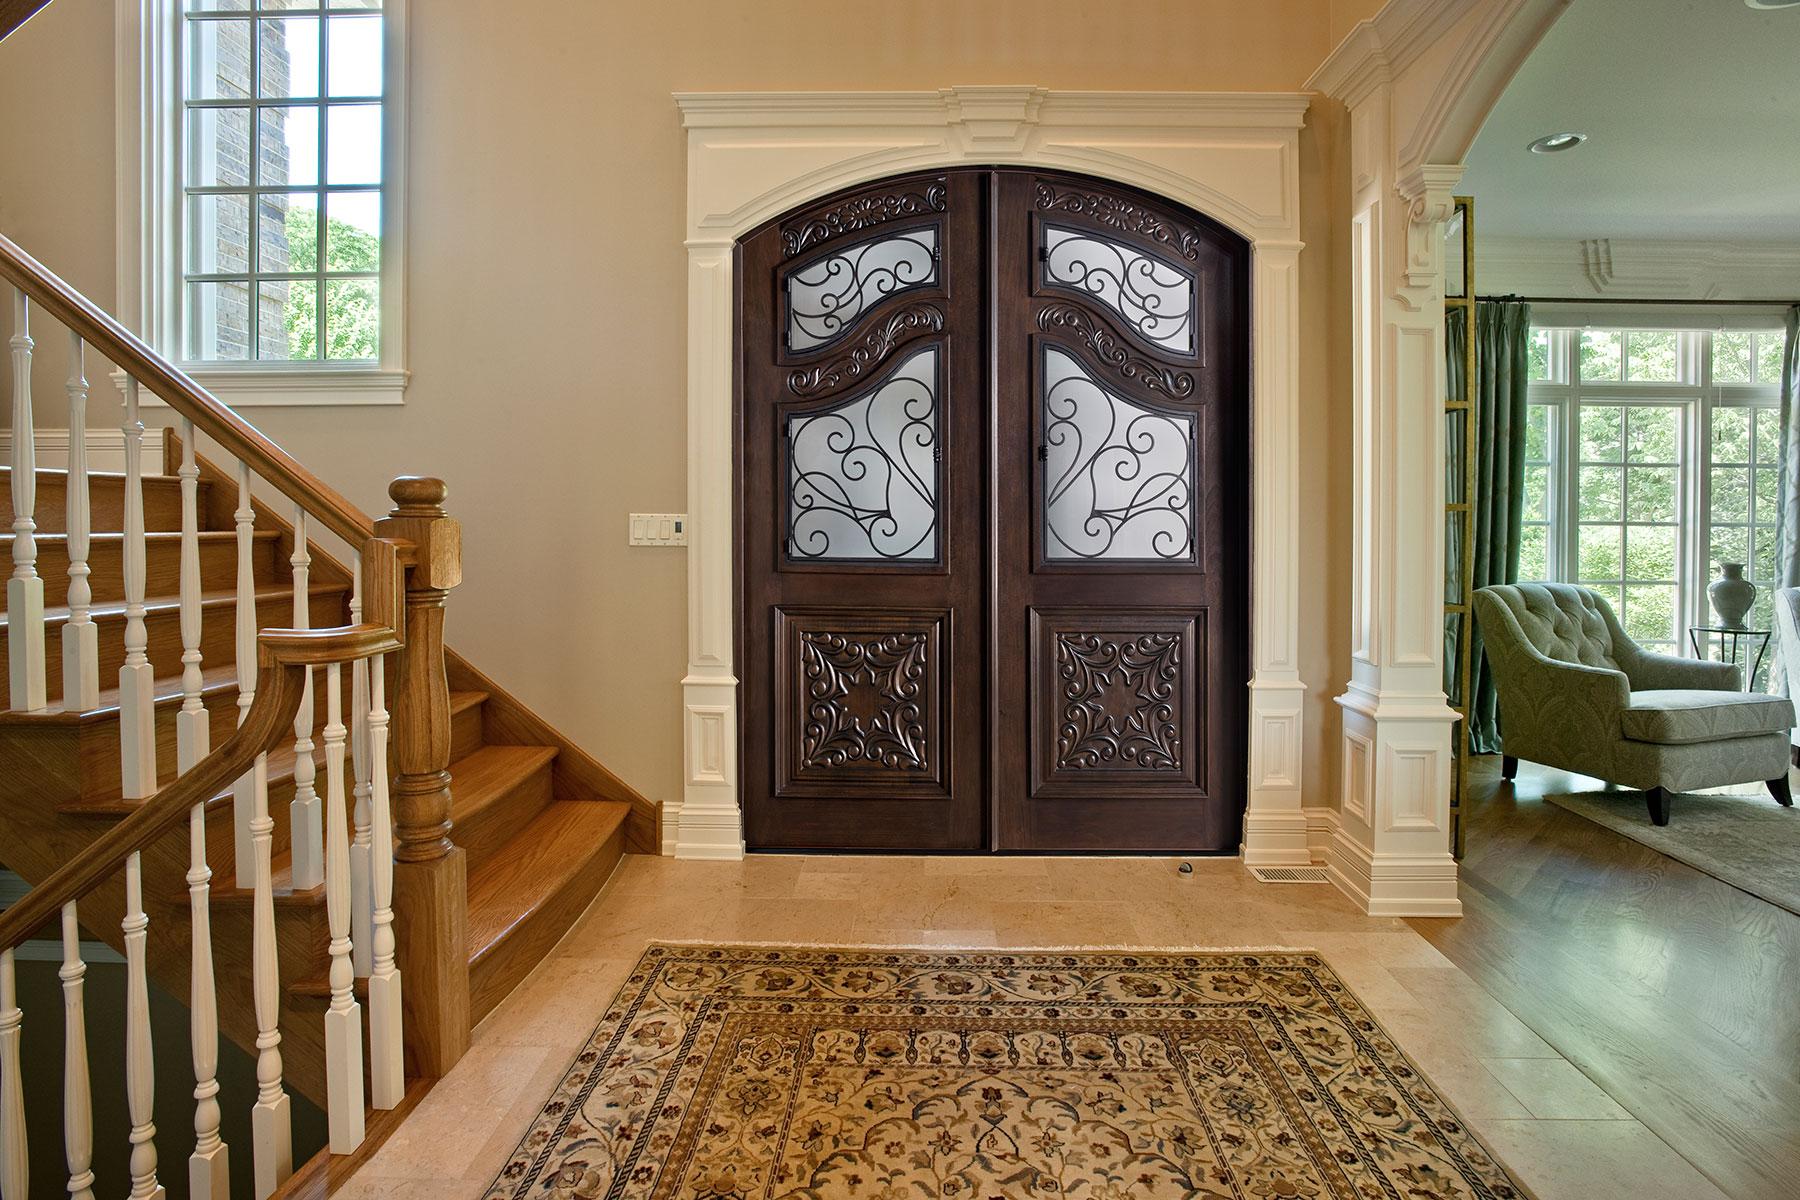 Custom Wood Front Entry Doors | Heritage Collection Custom Wood Front Entry Door DB-H009B DD S CST - Glenview Doors - Custom Doors in Chicago